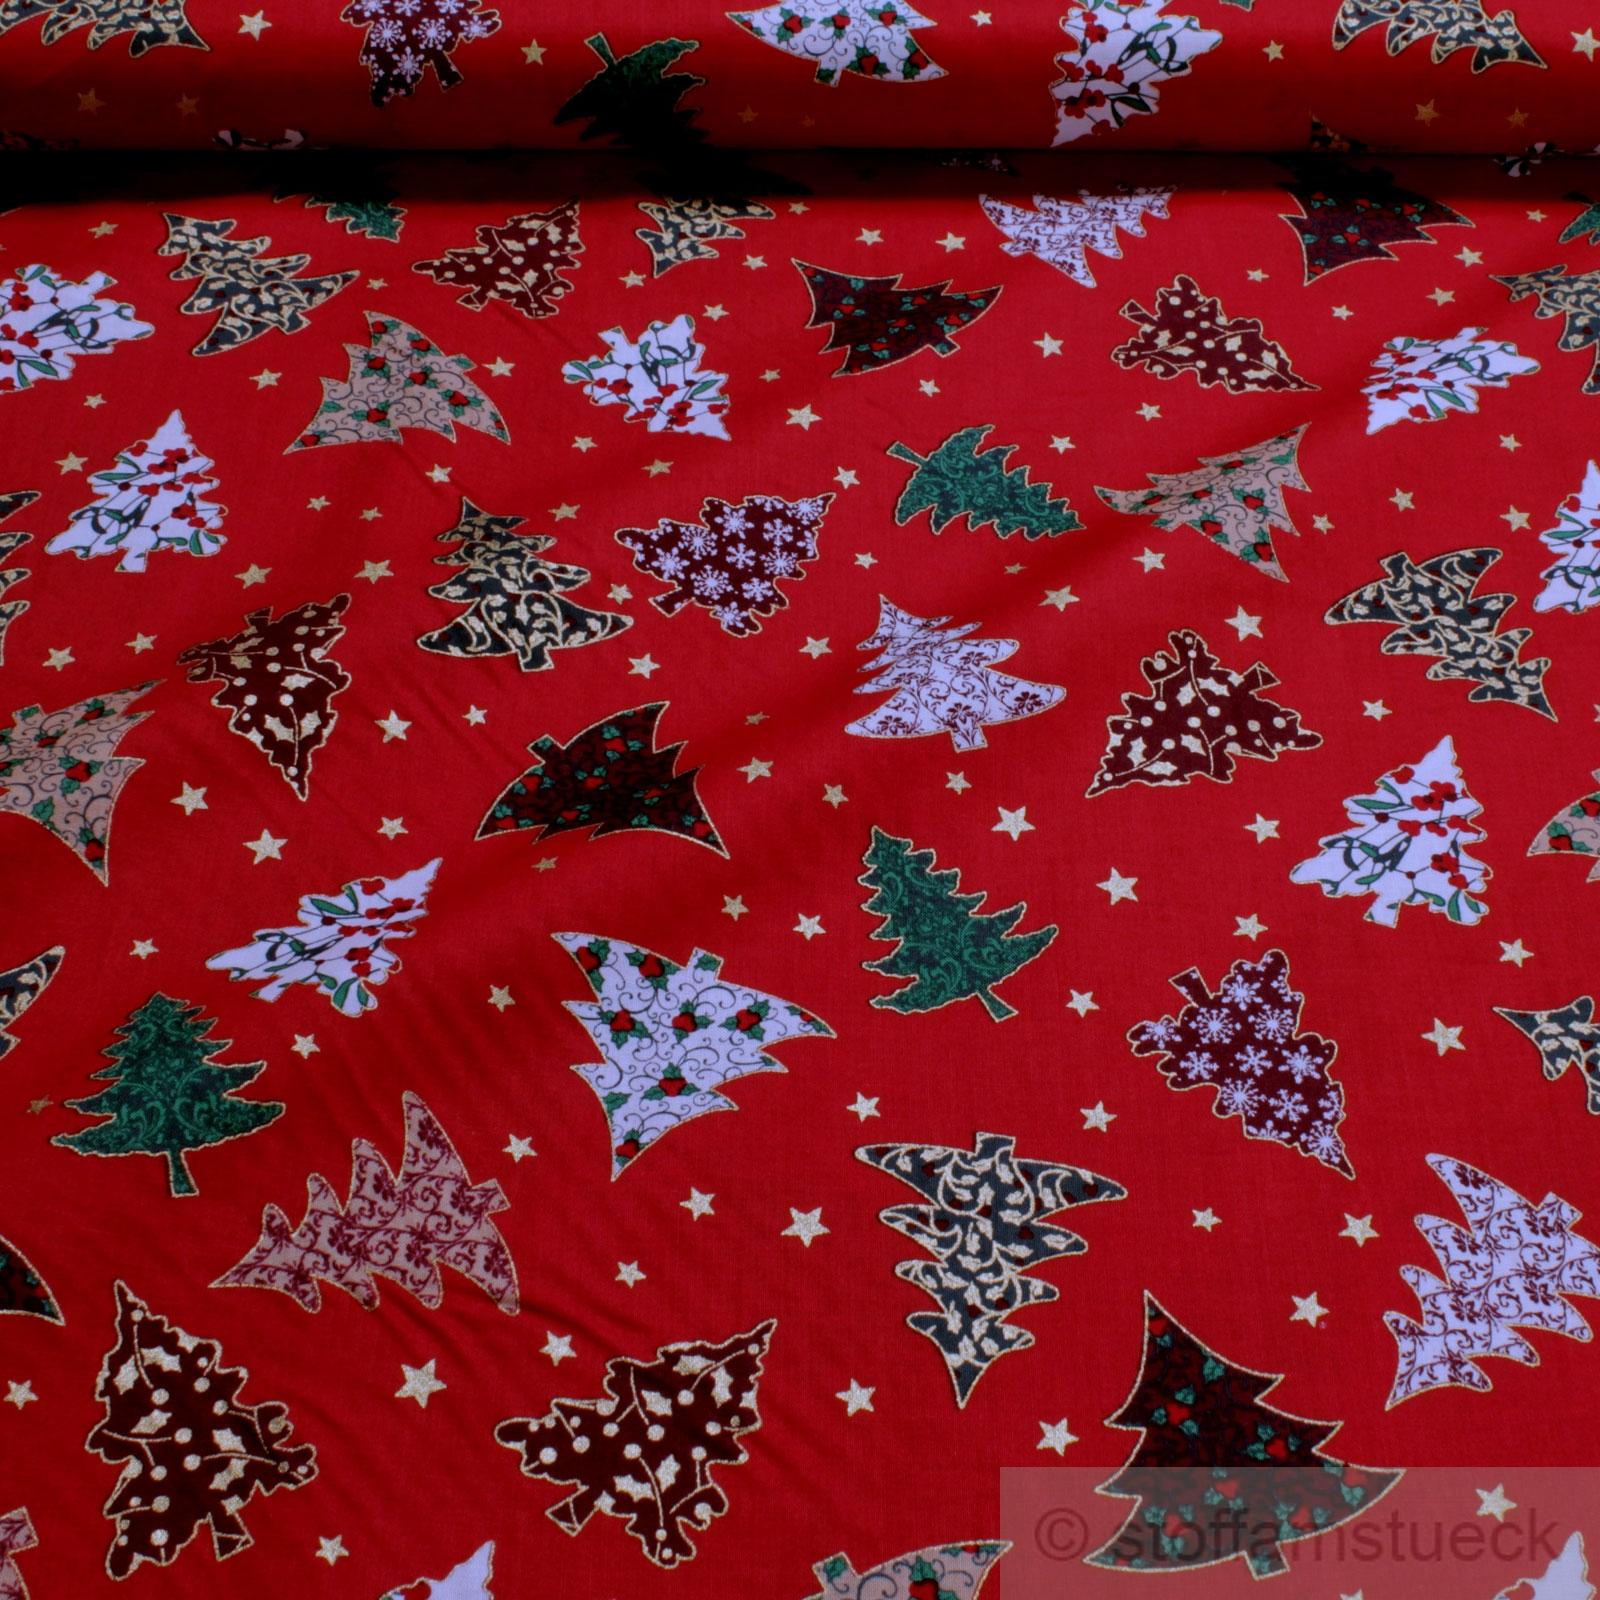 Weihnachtsbaum Rot.Stoff Weihnachtsstoff Baumwolle Rot Tannenbaum Weihnachtsbaum